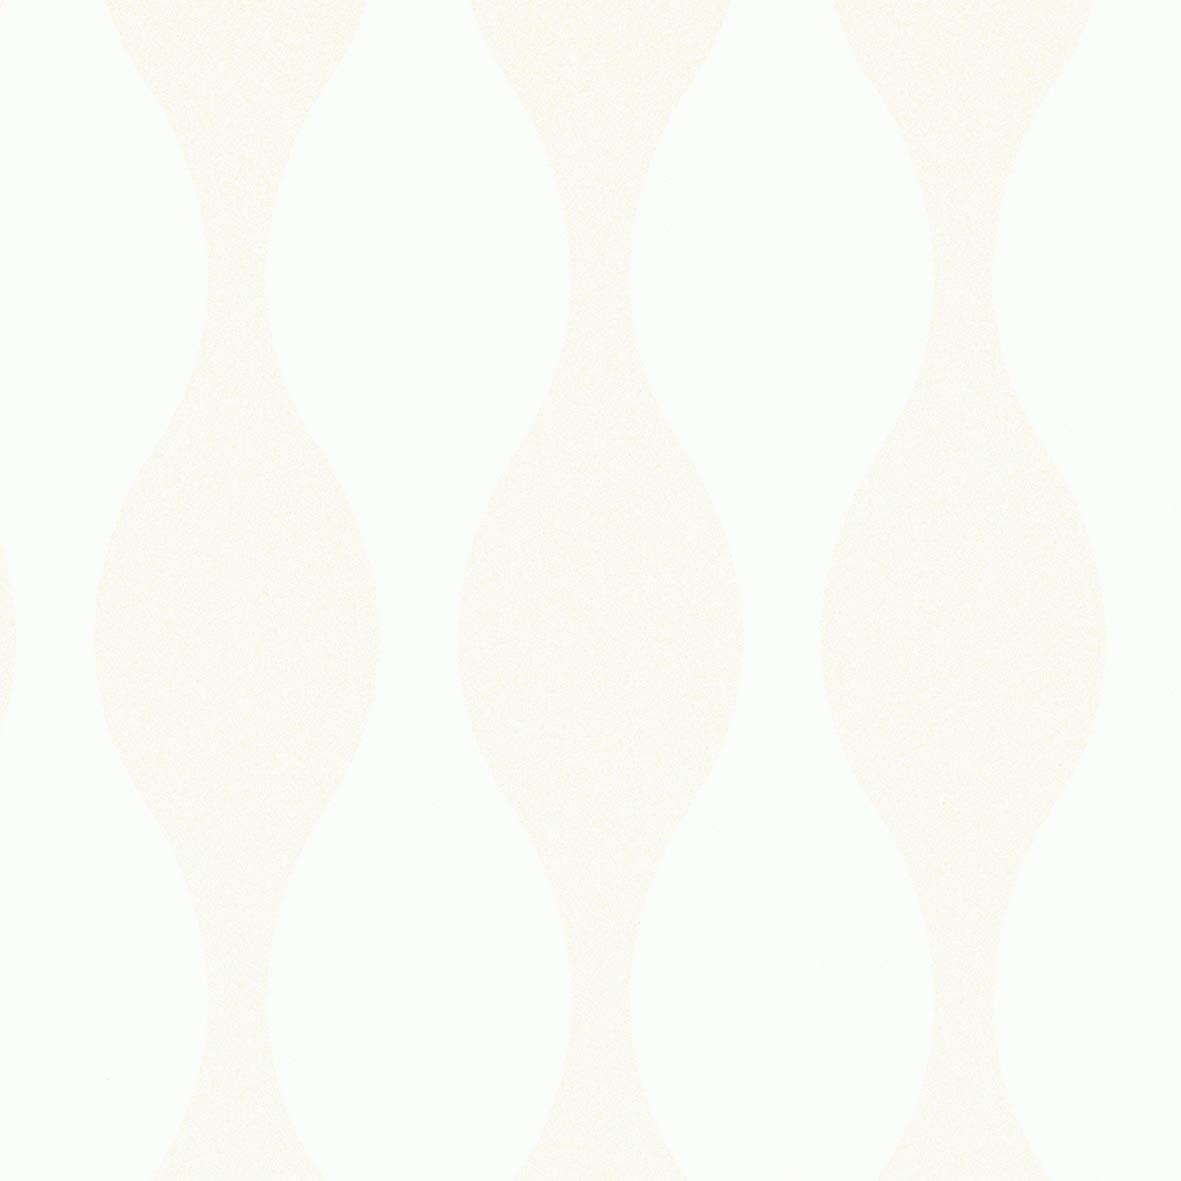 リリカラ 壁紙31m モダン 和文様 ホワイト kioi LW-2473 B07613B37V 31m|ホワイト